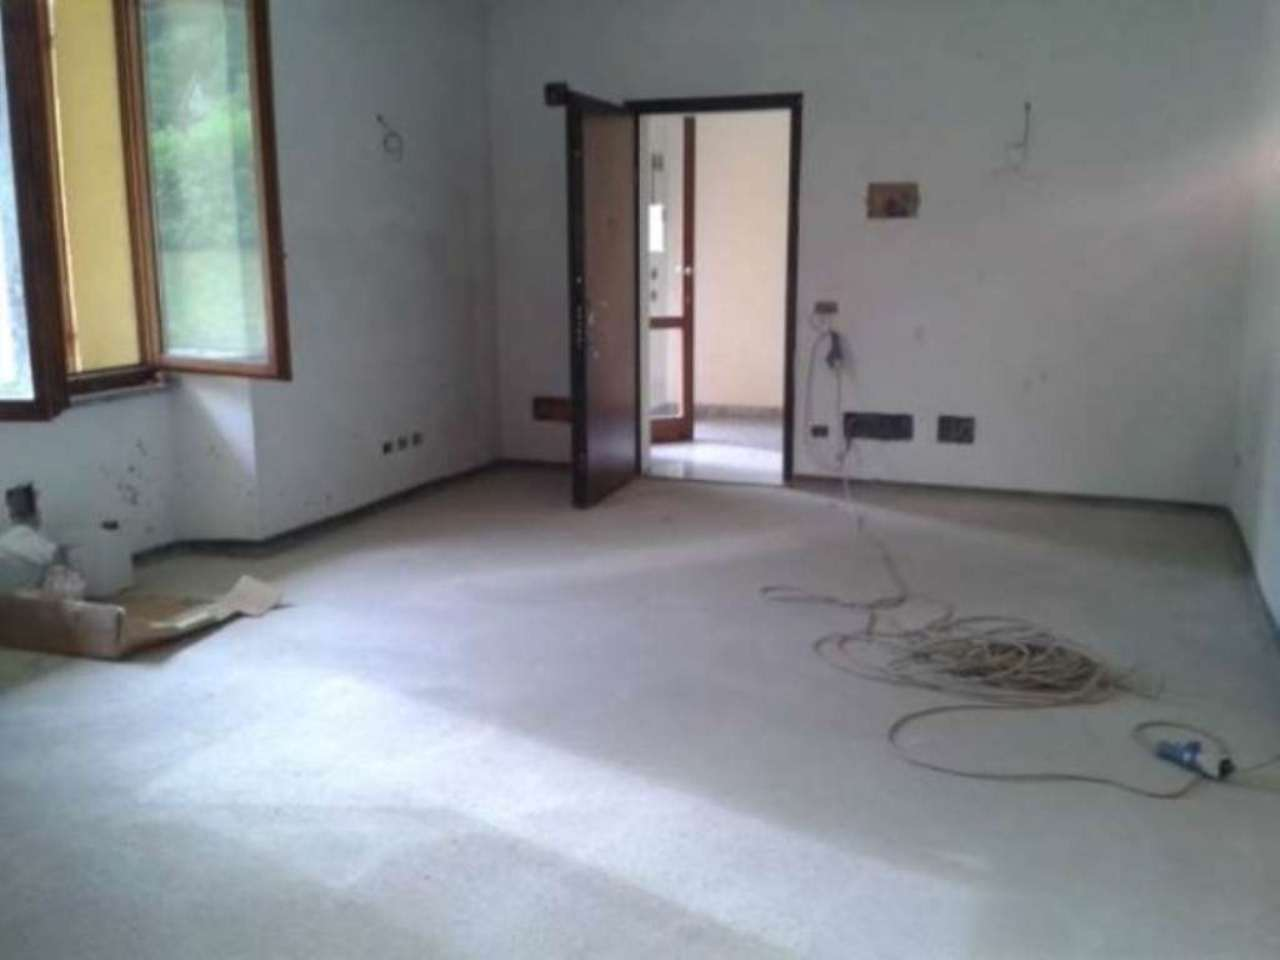 Appartamento in vendita a Colverde, 3 locali, prezzo € 99.000 | Cambio Casa.it